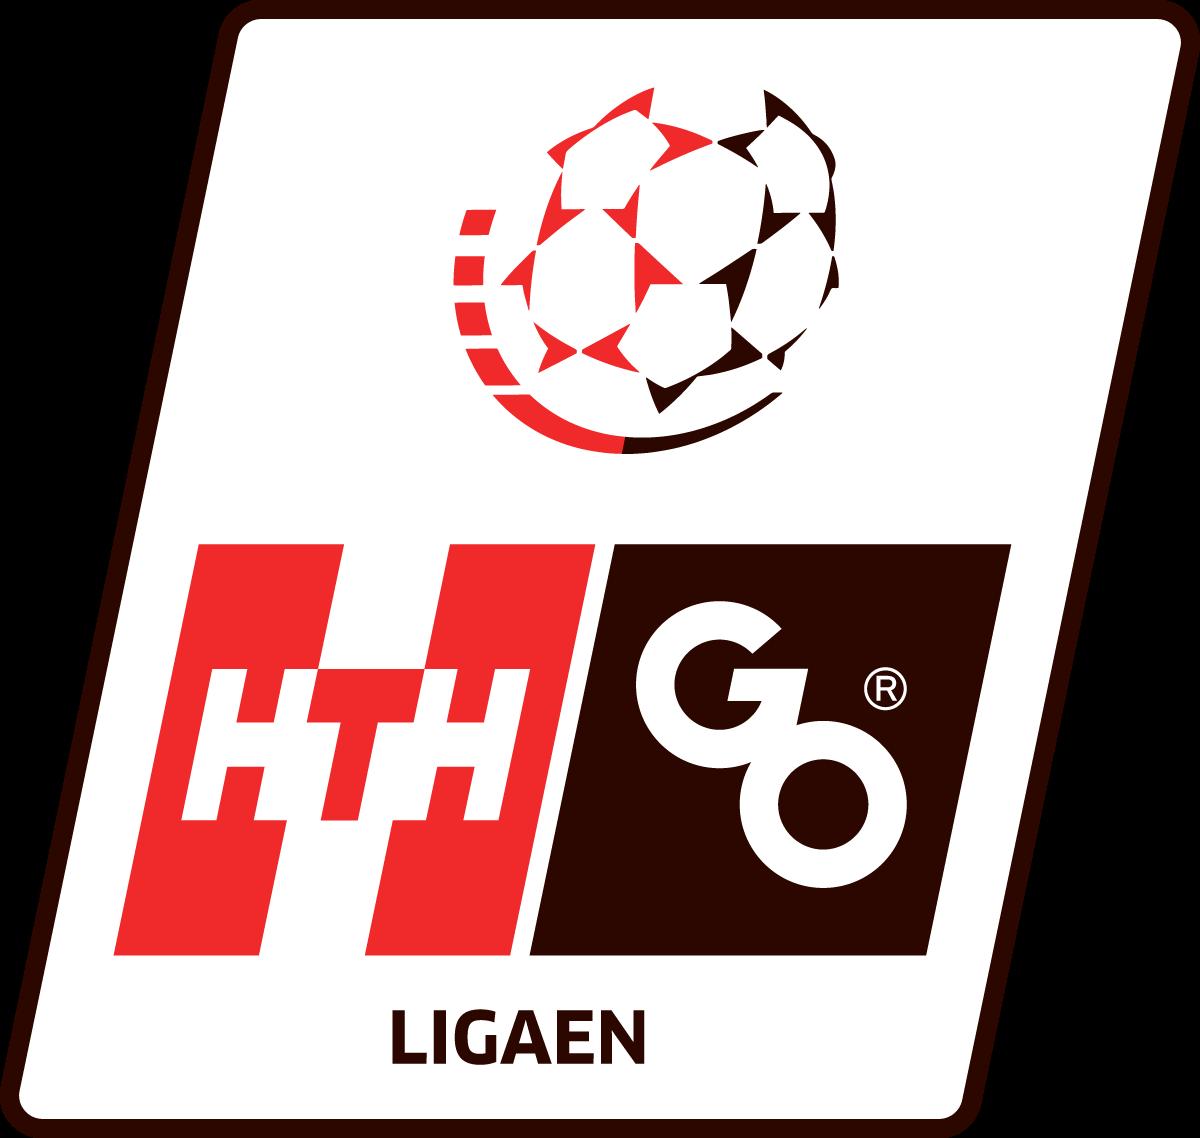 hth go haandbold ligaen